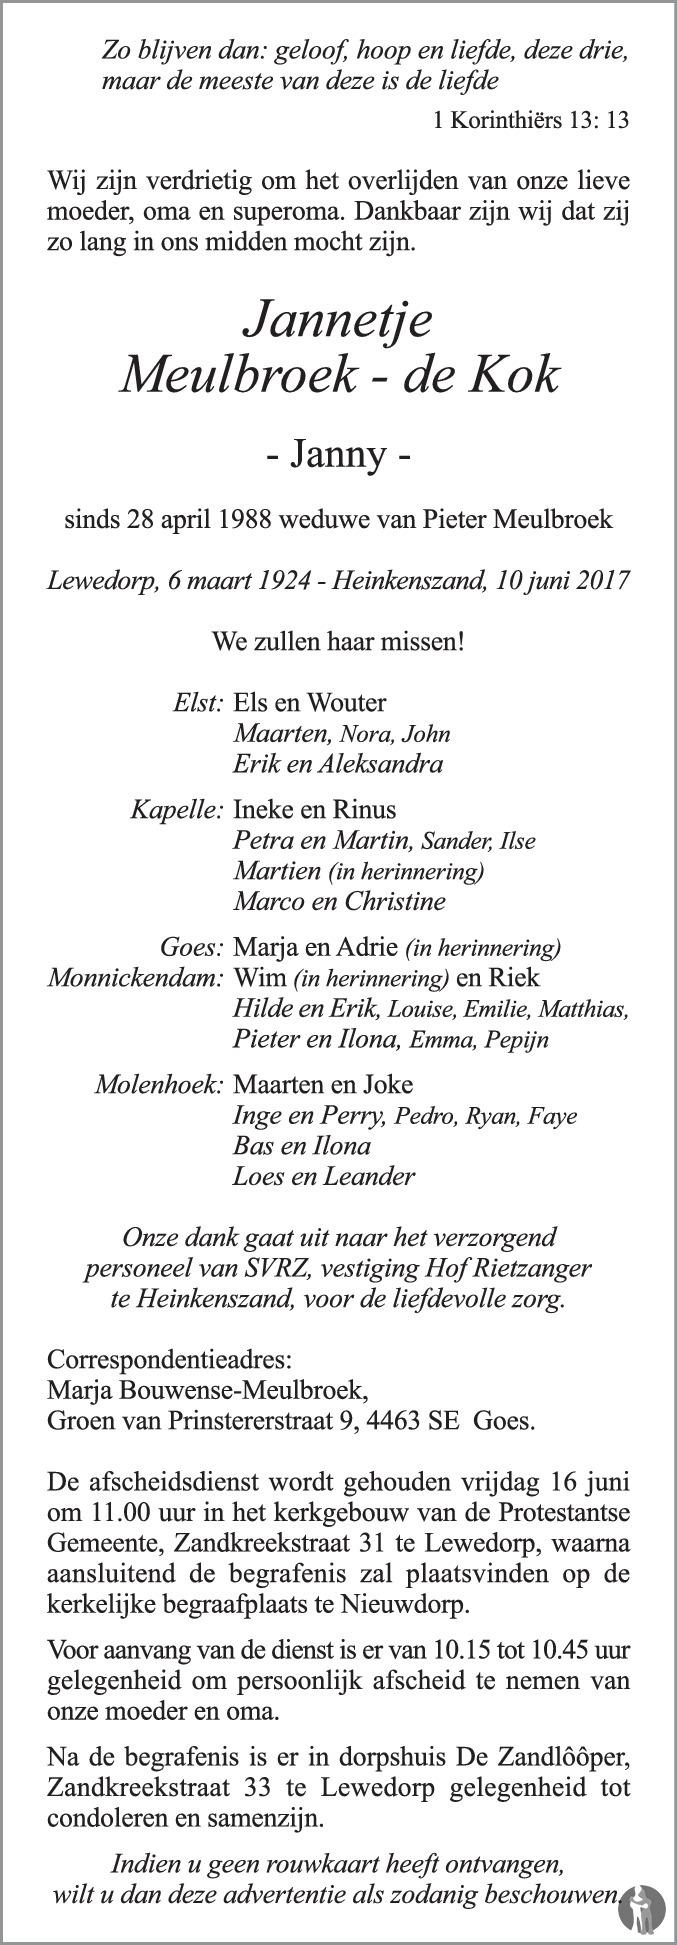 Overlijdensbericht van Jannetje (Janny) Meulbroek - de Kok in PZC Provinciale Zeeuwse Courant